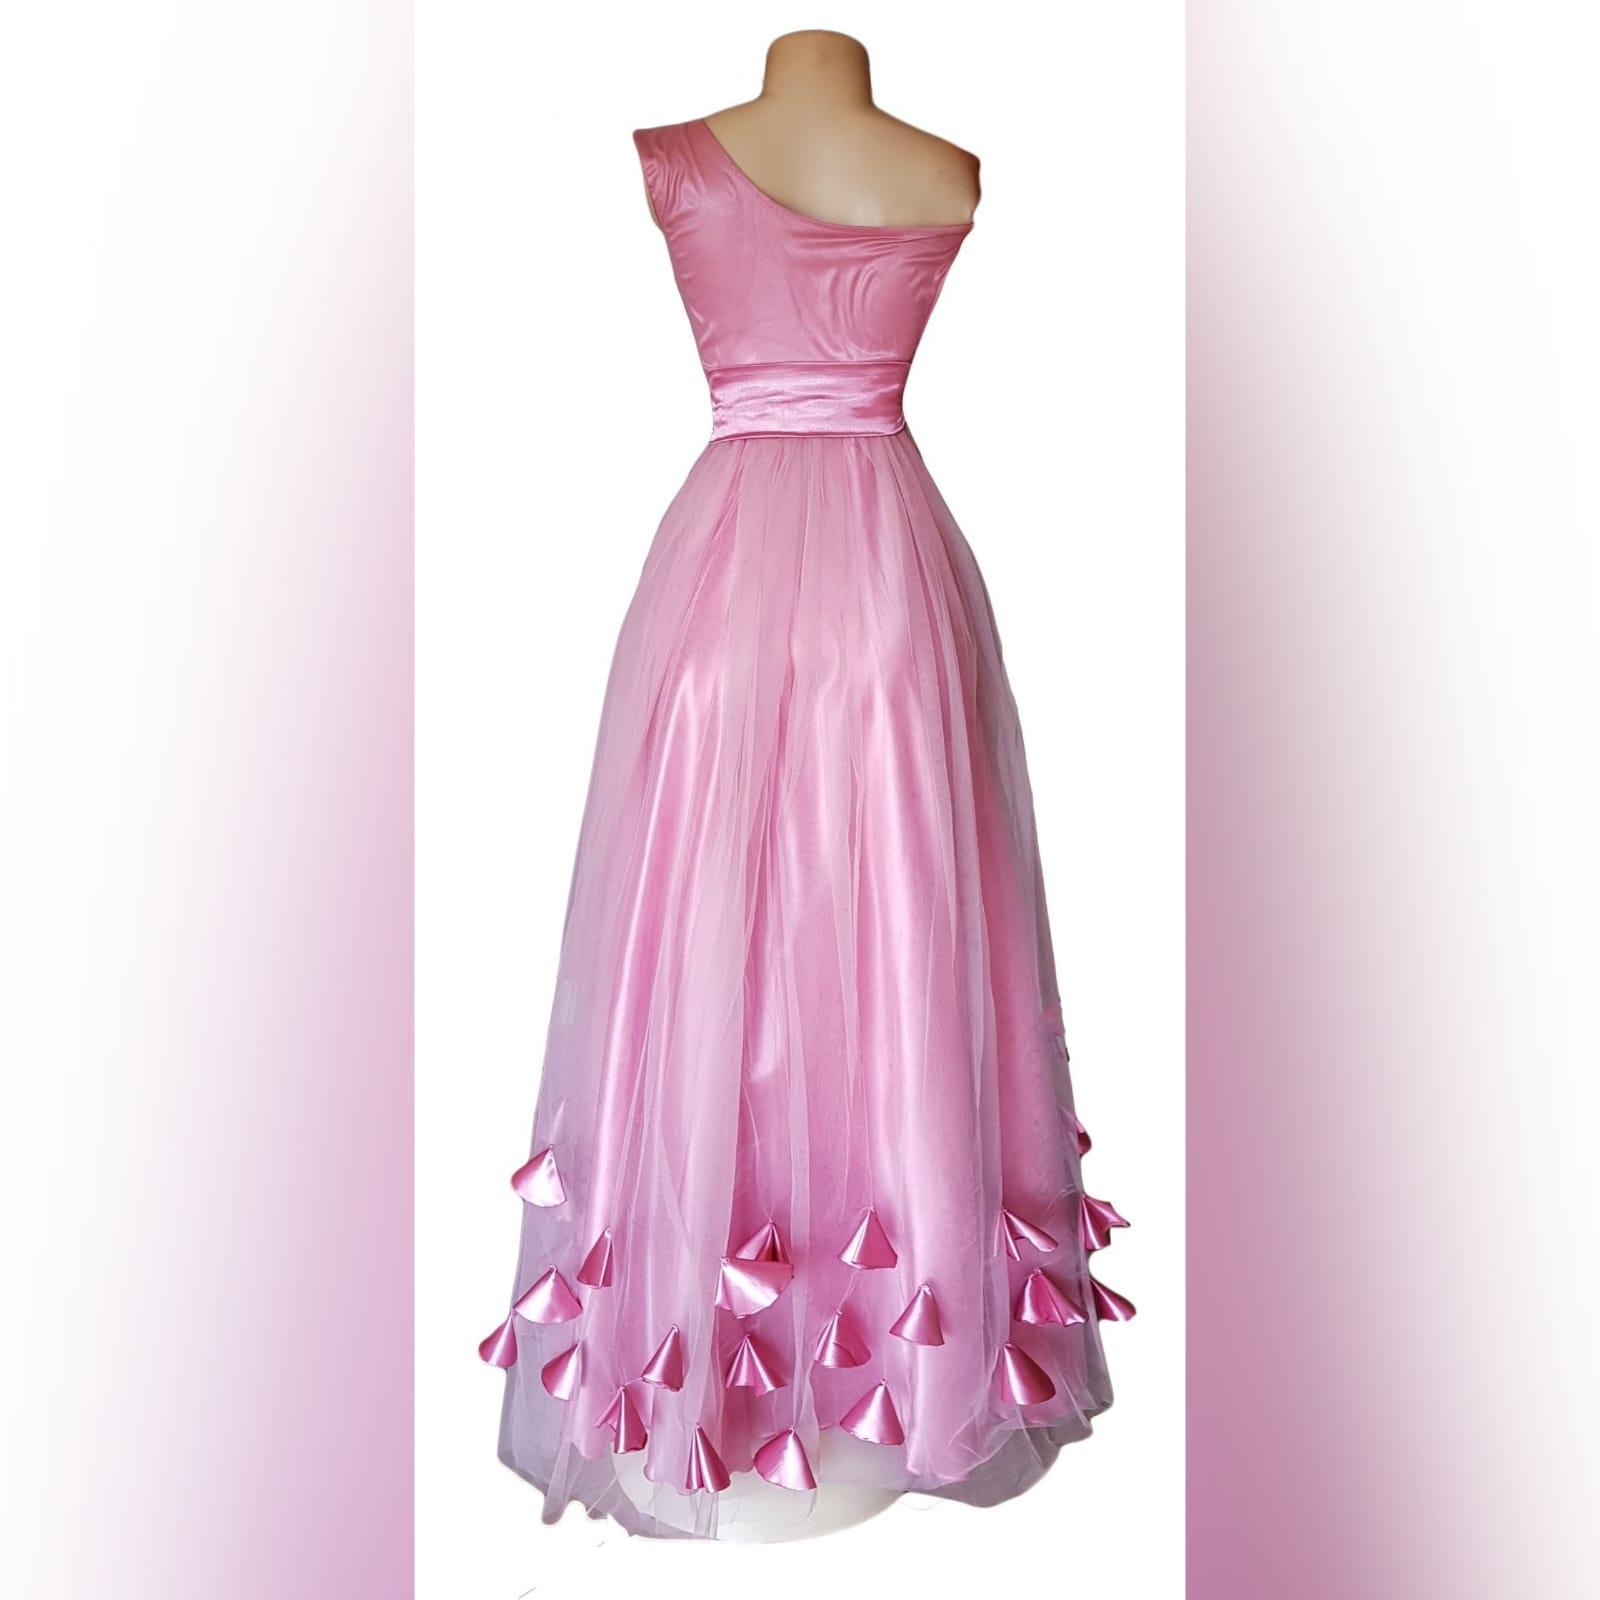 Vestido de dama de honra cor de rosa longo 4 vestido de dama de honra longo, cor rosa de tule com um unico ombro , corpete reunido, cinto de cetim , detalhado com rosas e pétalas.